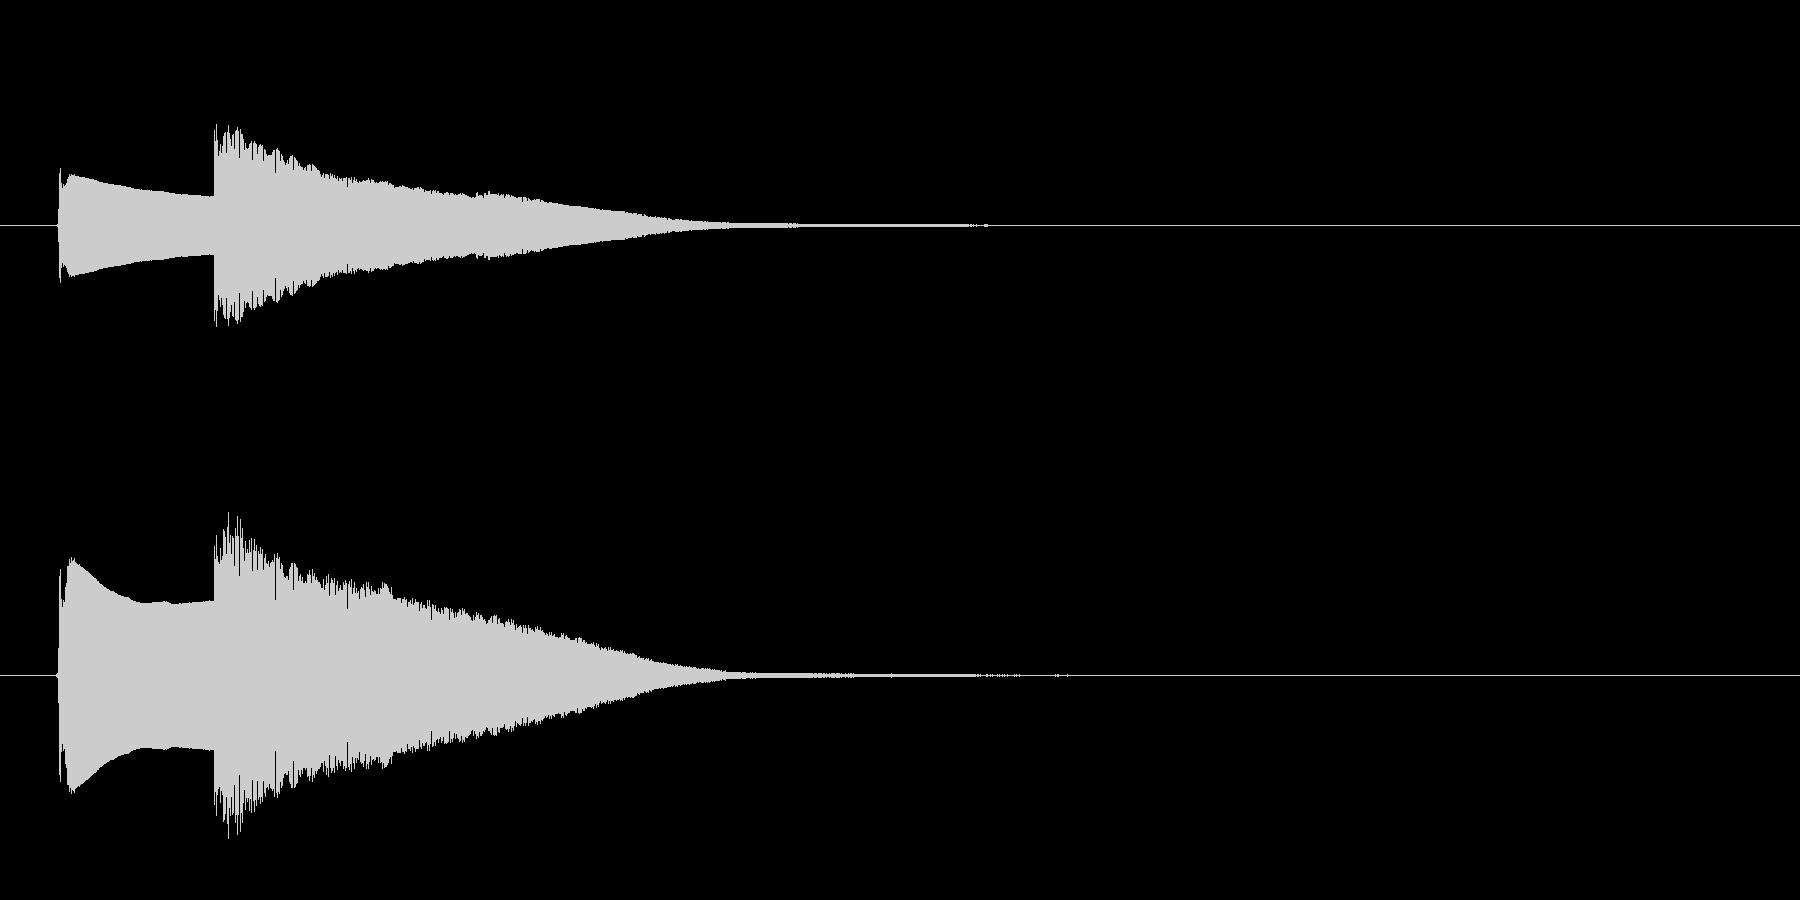 クイズ正解音(ピンポン)2の未再生の波形